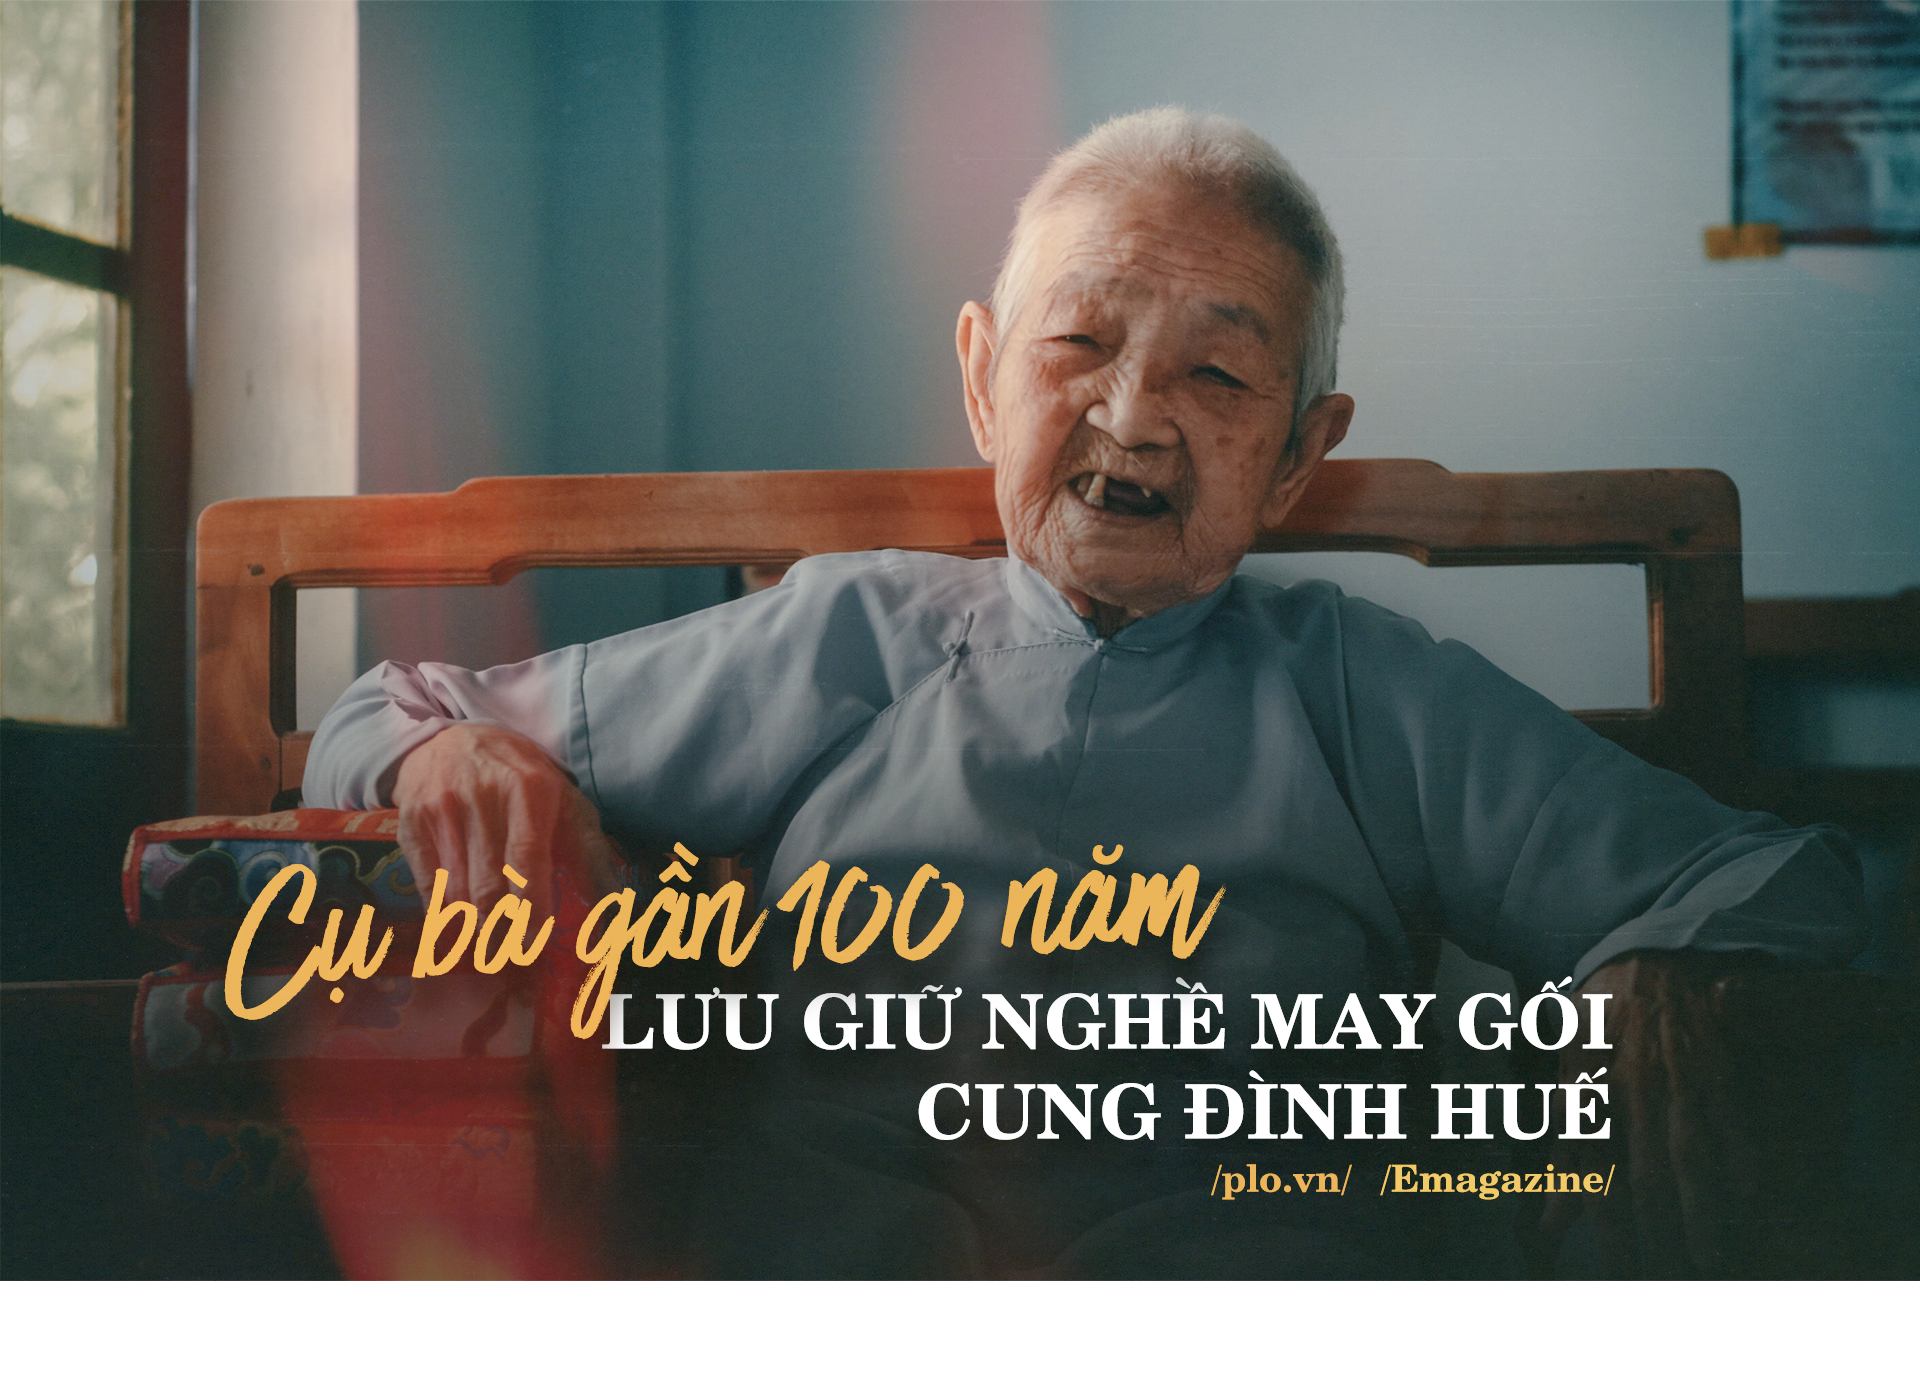 Cụ bà gần 100 năm lưu giữ nghề may gối cung đình Huế